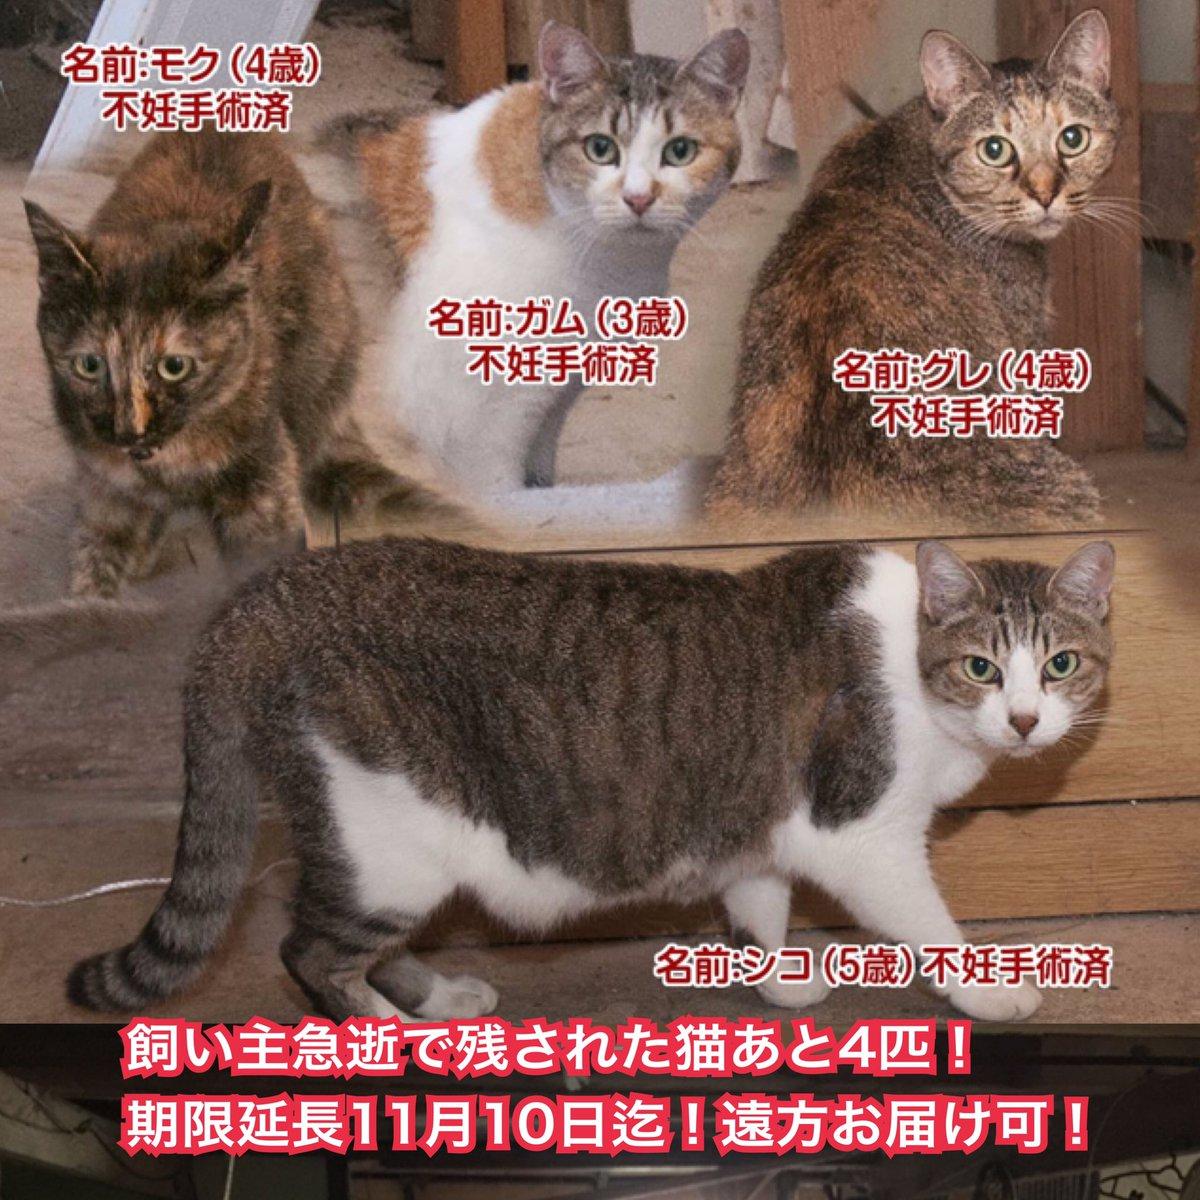 【拡散希望】島根県より飼い主急逝で残された猫4匹の飼い主さん募集!期限11月10日迄!関西、関東でもお届けします!詳細お問合せ下さい! https://t.co/6qQ102GWb1